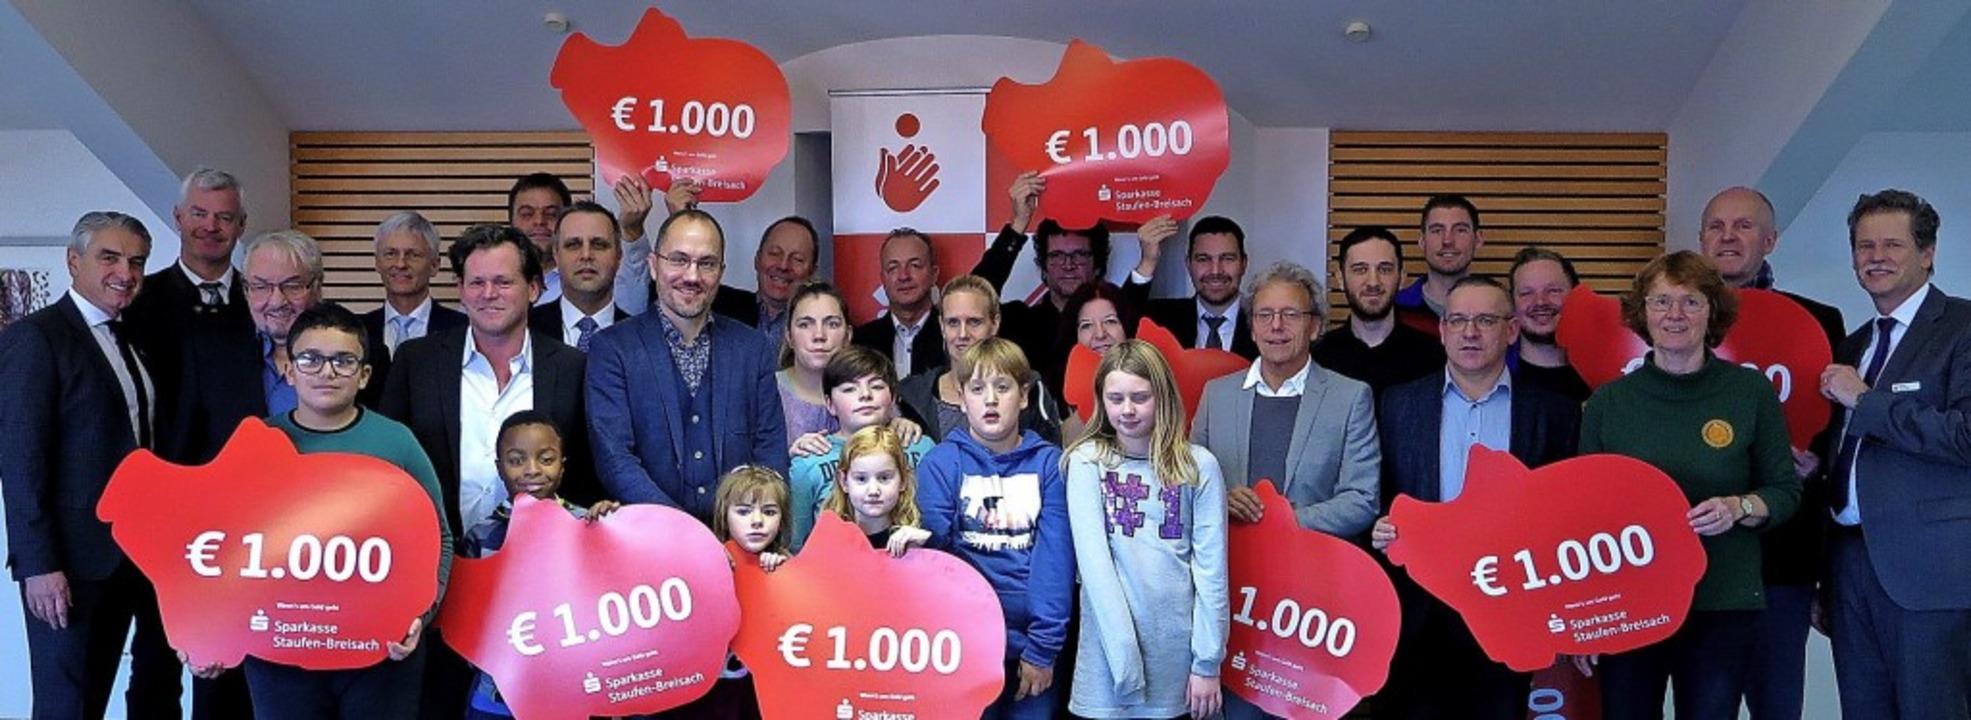 Freuen sich über je 1000 Euro: Die Ver...arkasse Staufen-Breisach profitierten.  | Foto: Gabriele Hennicke